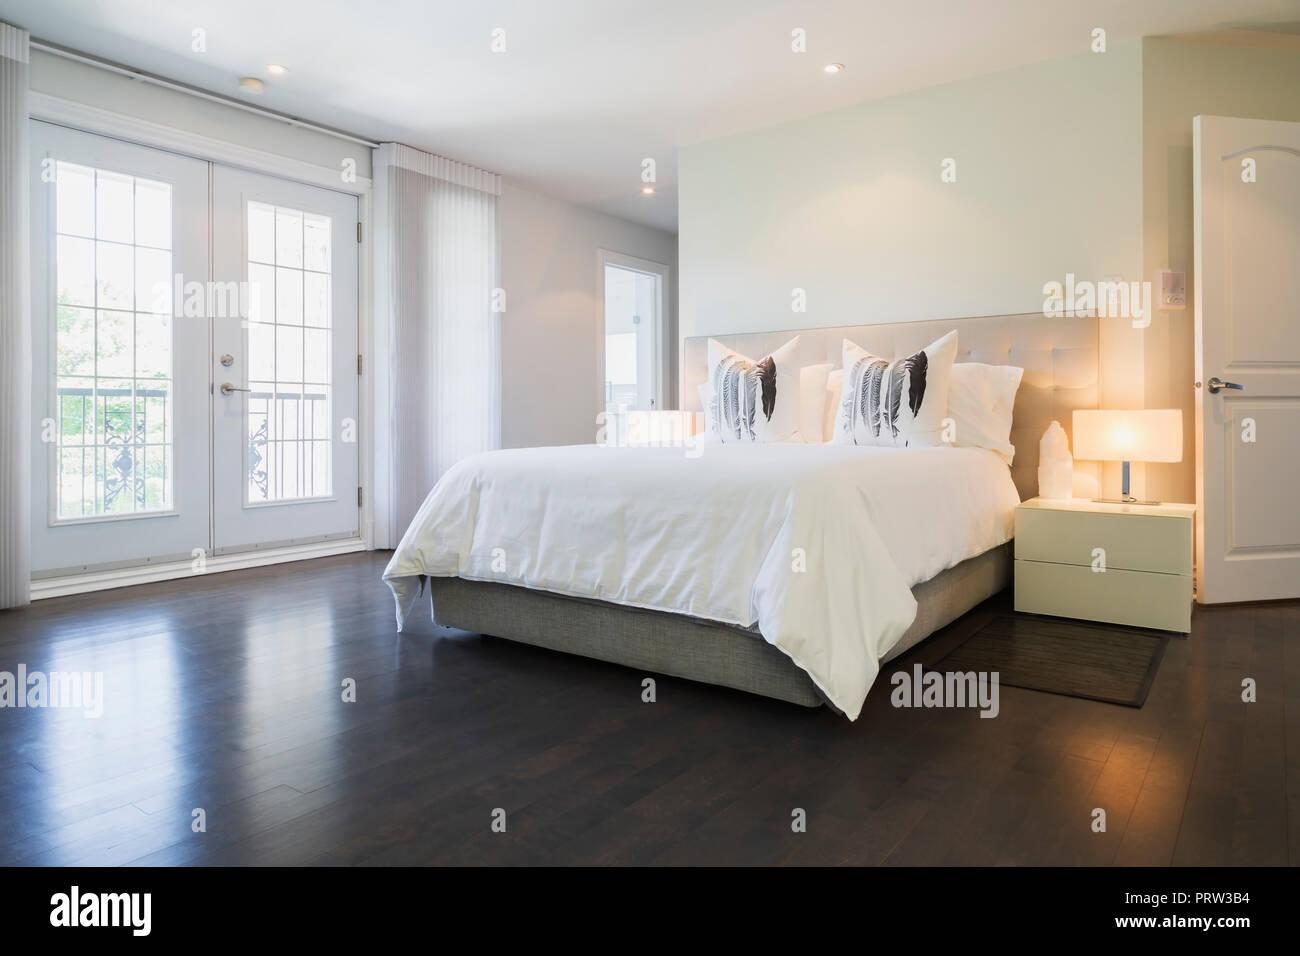 La camera da letto principale con letto queen size e di pavimenti